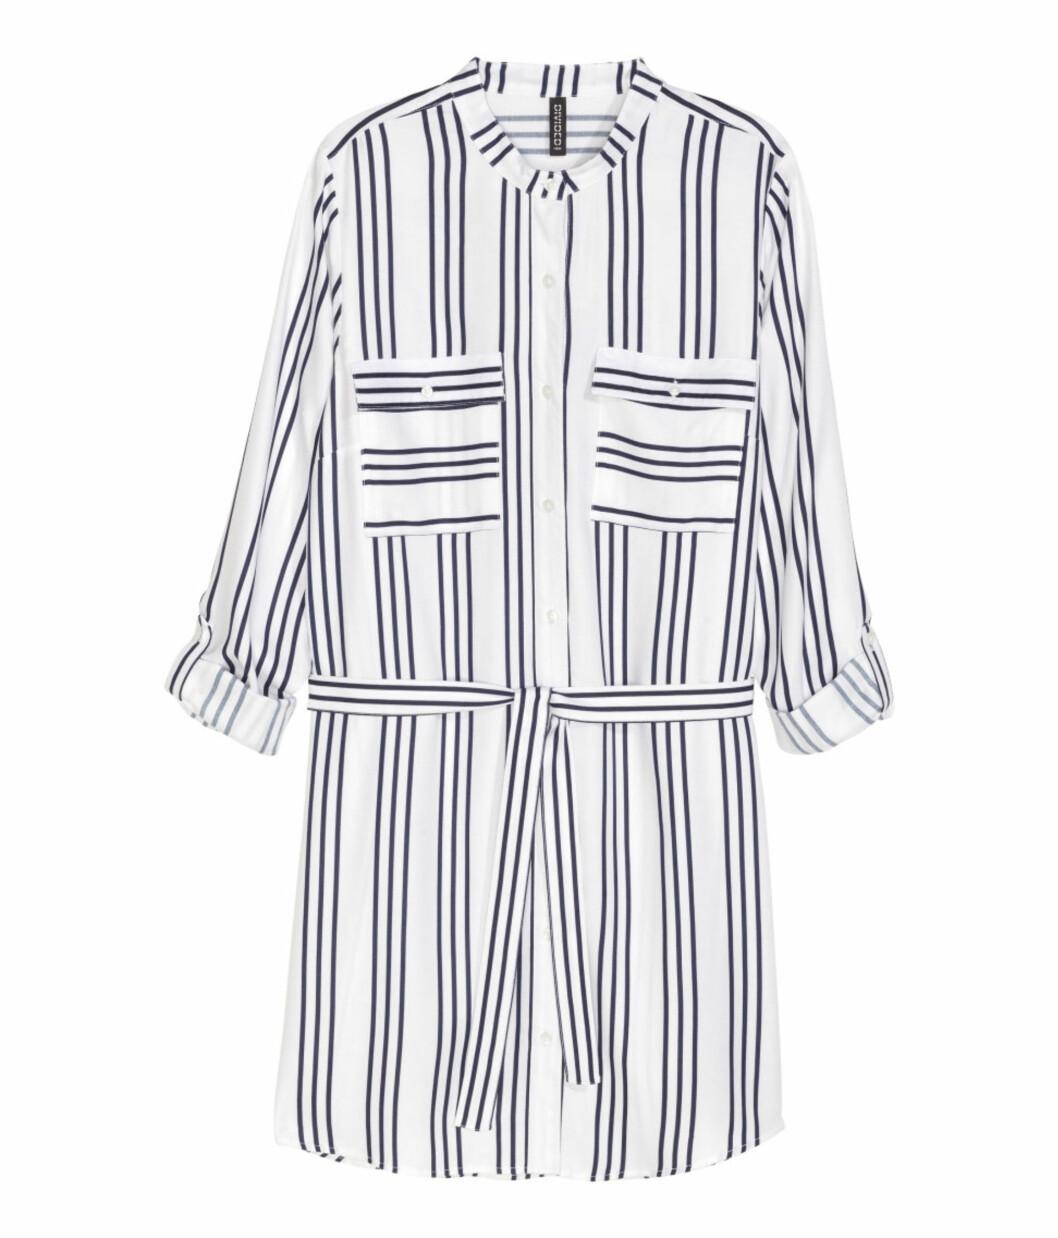 Skjortekjole fra H&M, kr 199. Foto: Produsenten